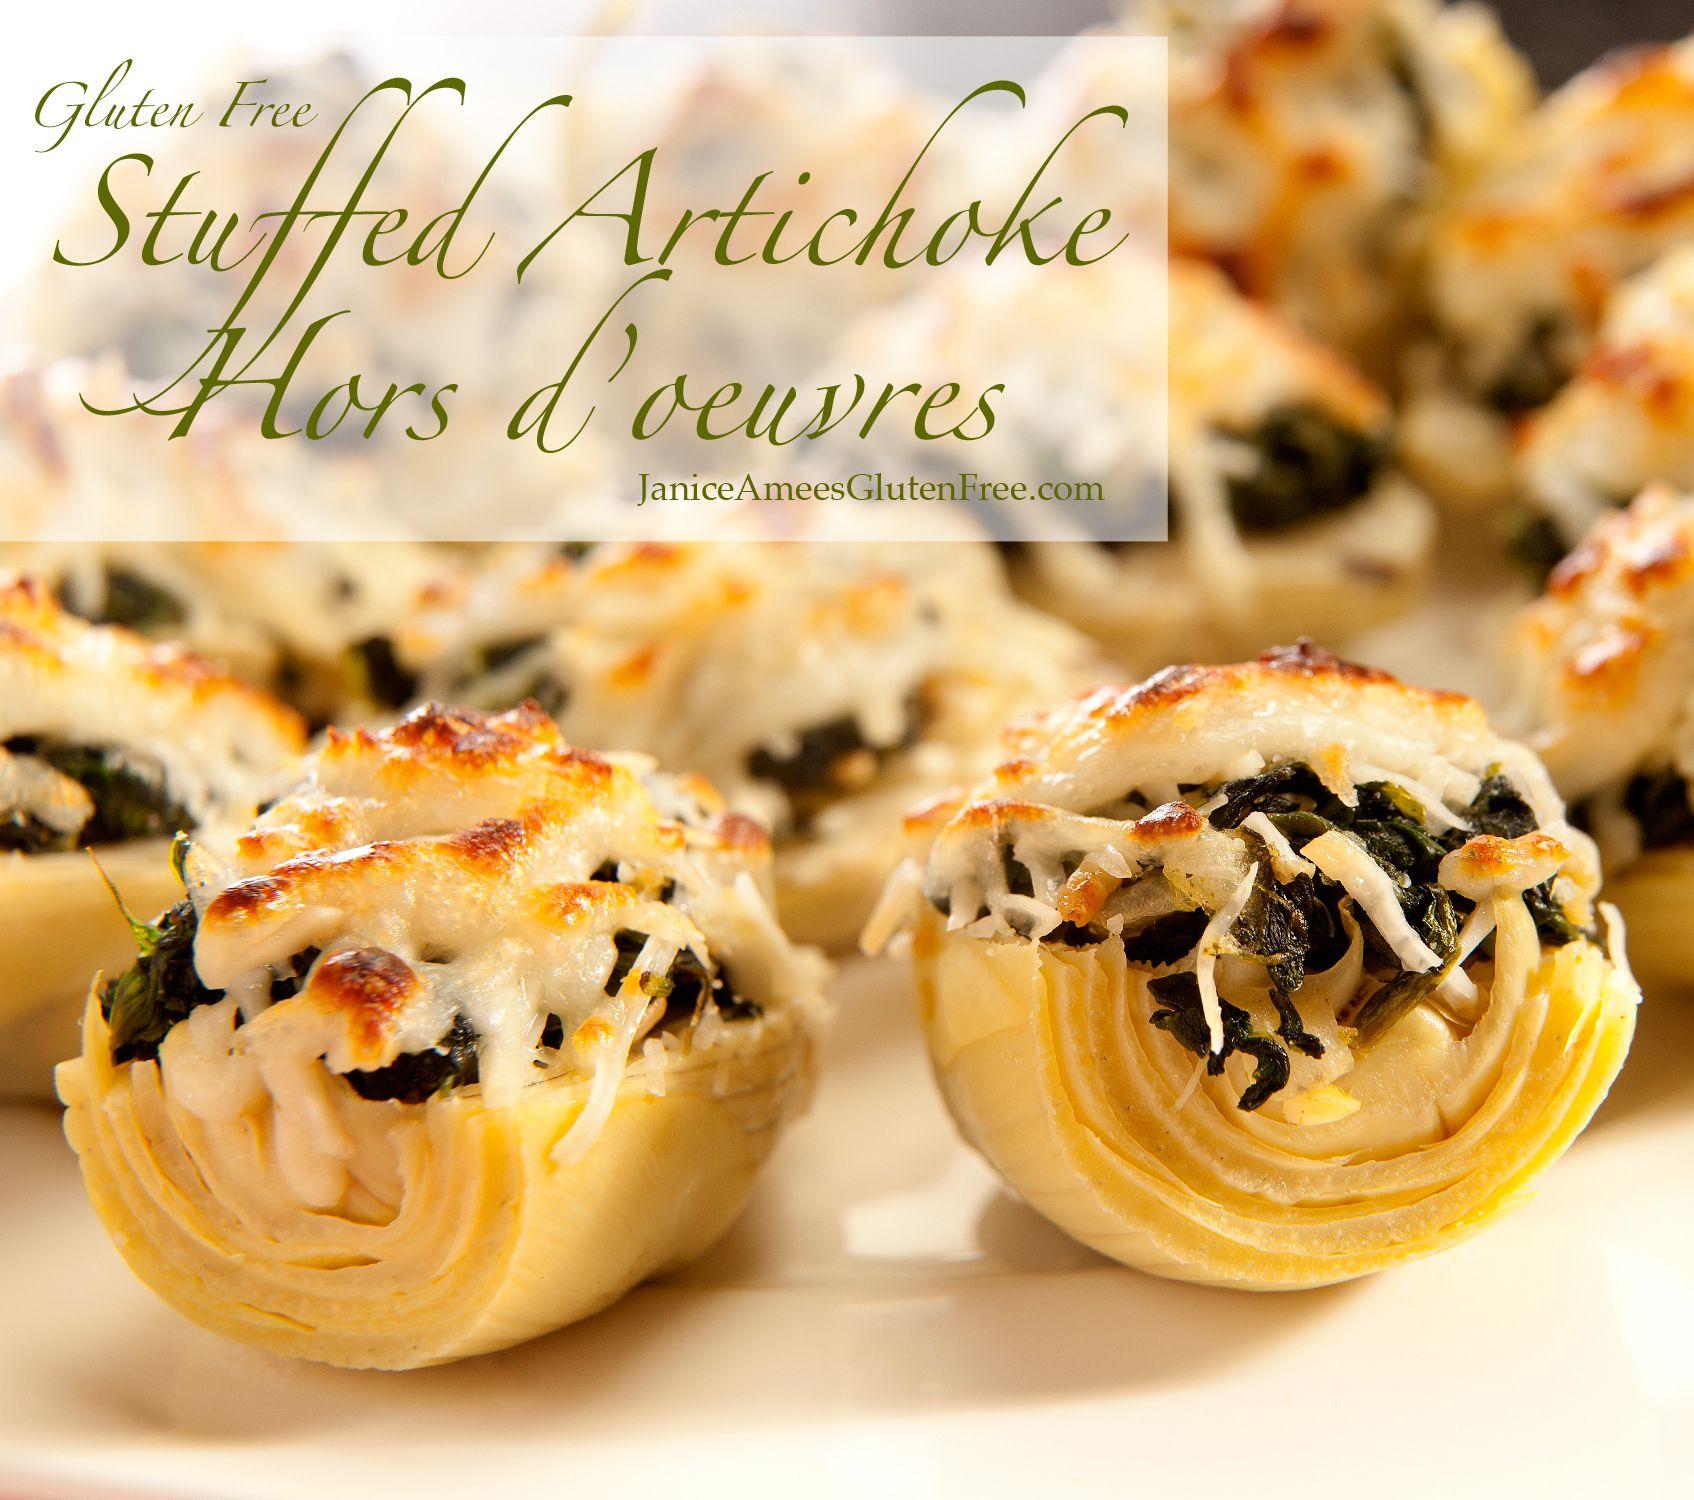 Gluten Free Stuffed Artichoke Hors D'oeuvres By Janice